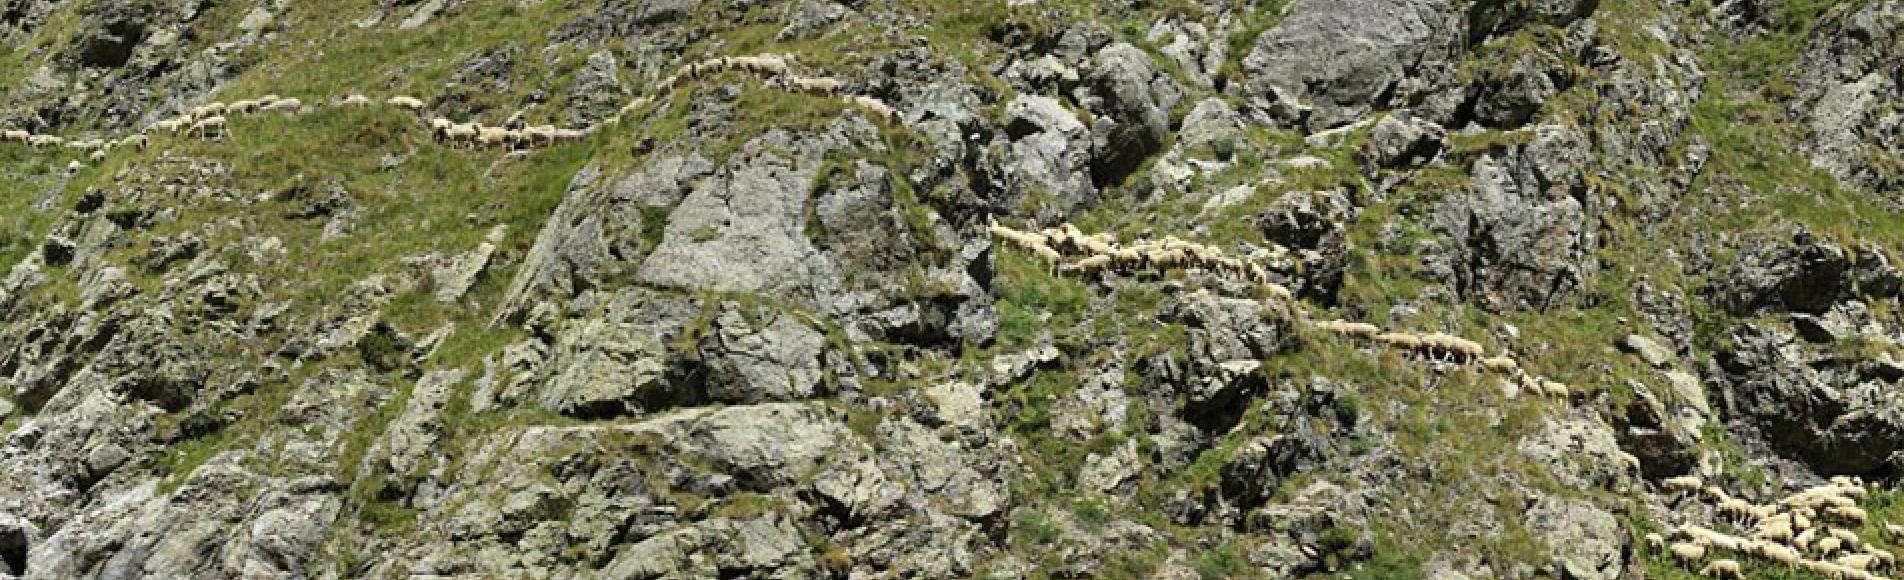 Troupeau à Valestreche - photo M.Corail - Parc national des Ecrins